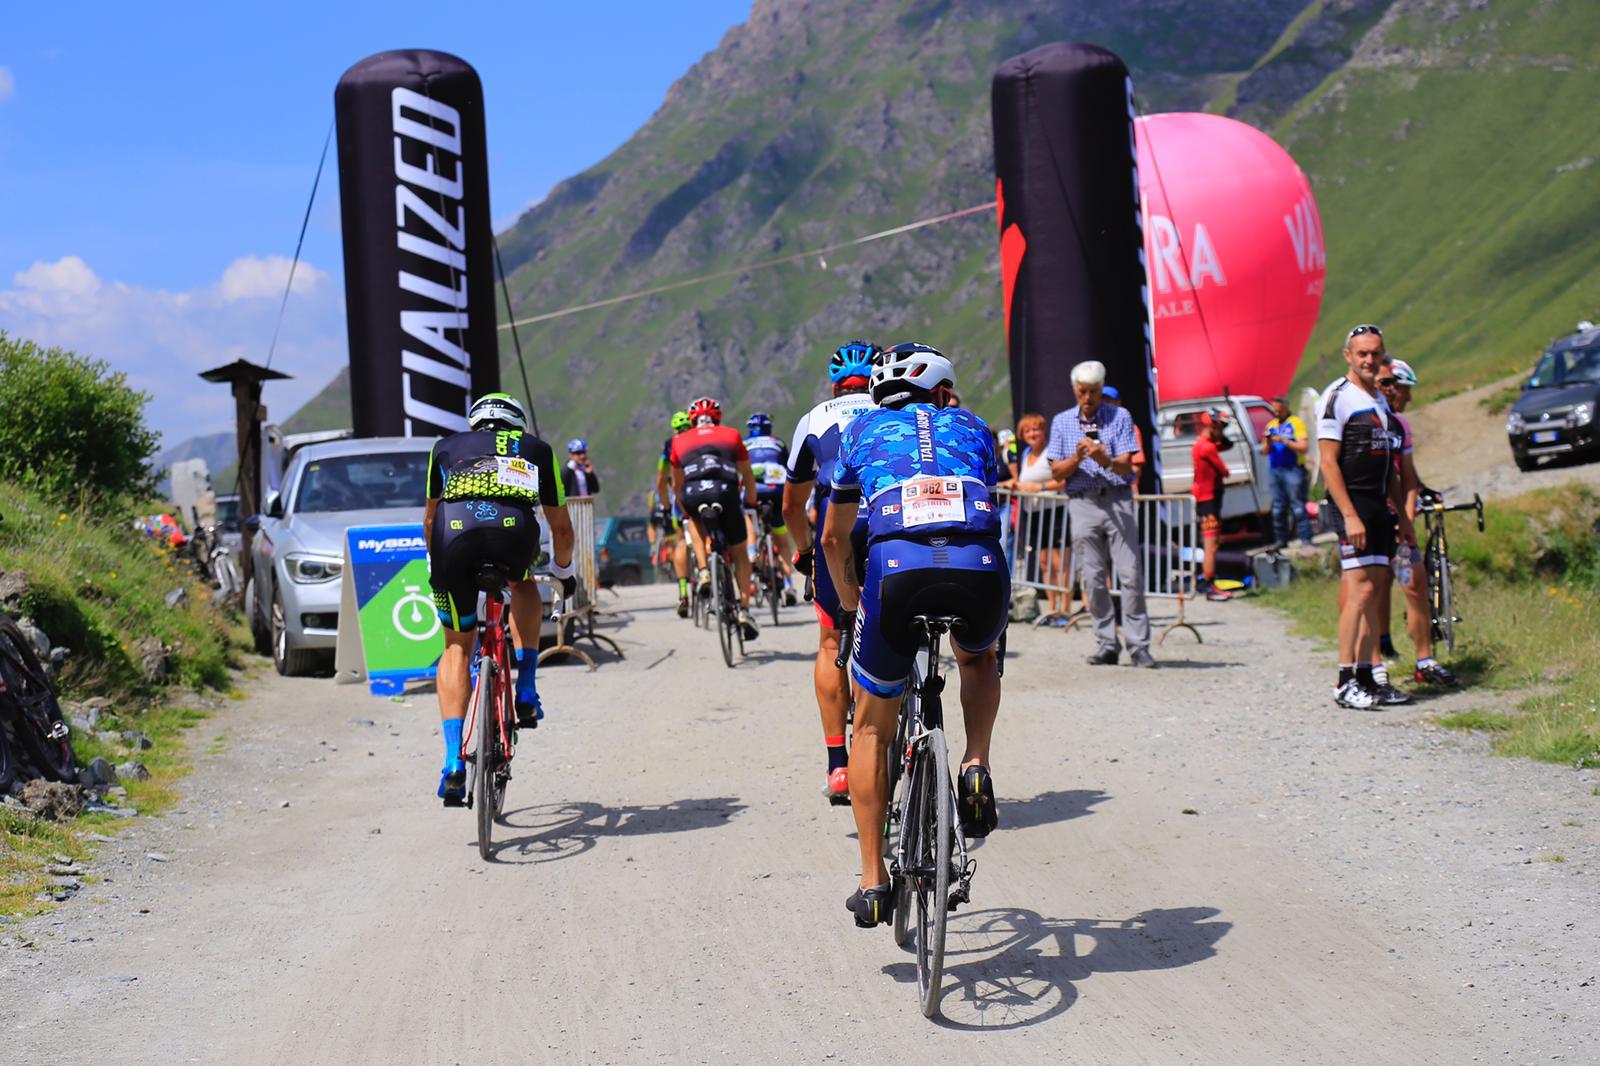 Calendario Granfondo 2020.News Circuito Coppa Piemonte